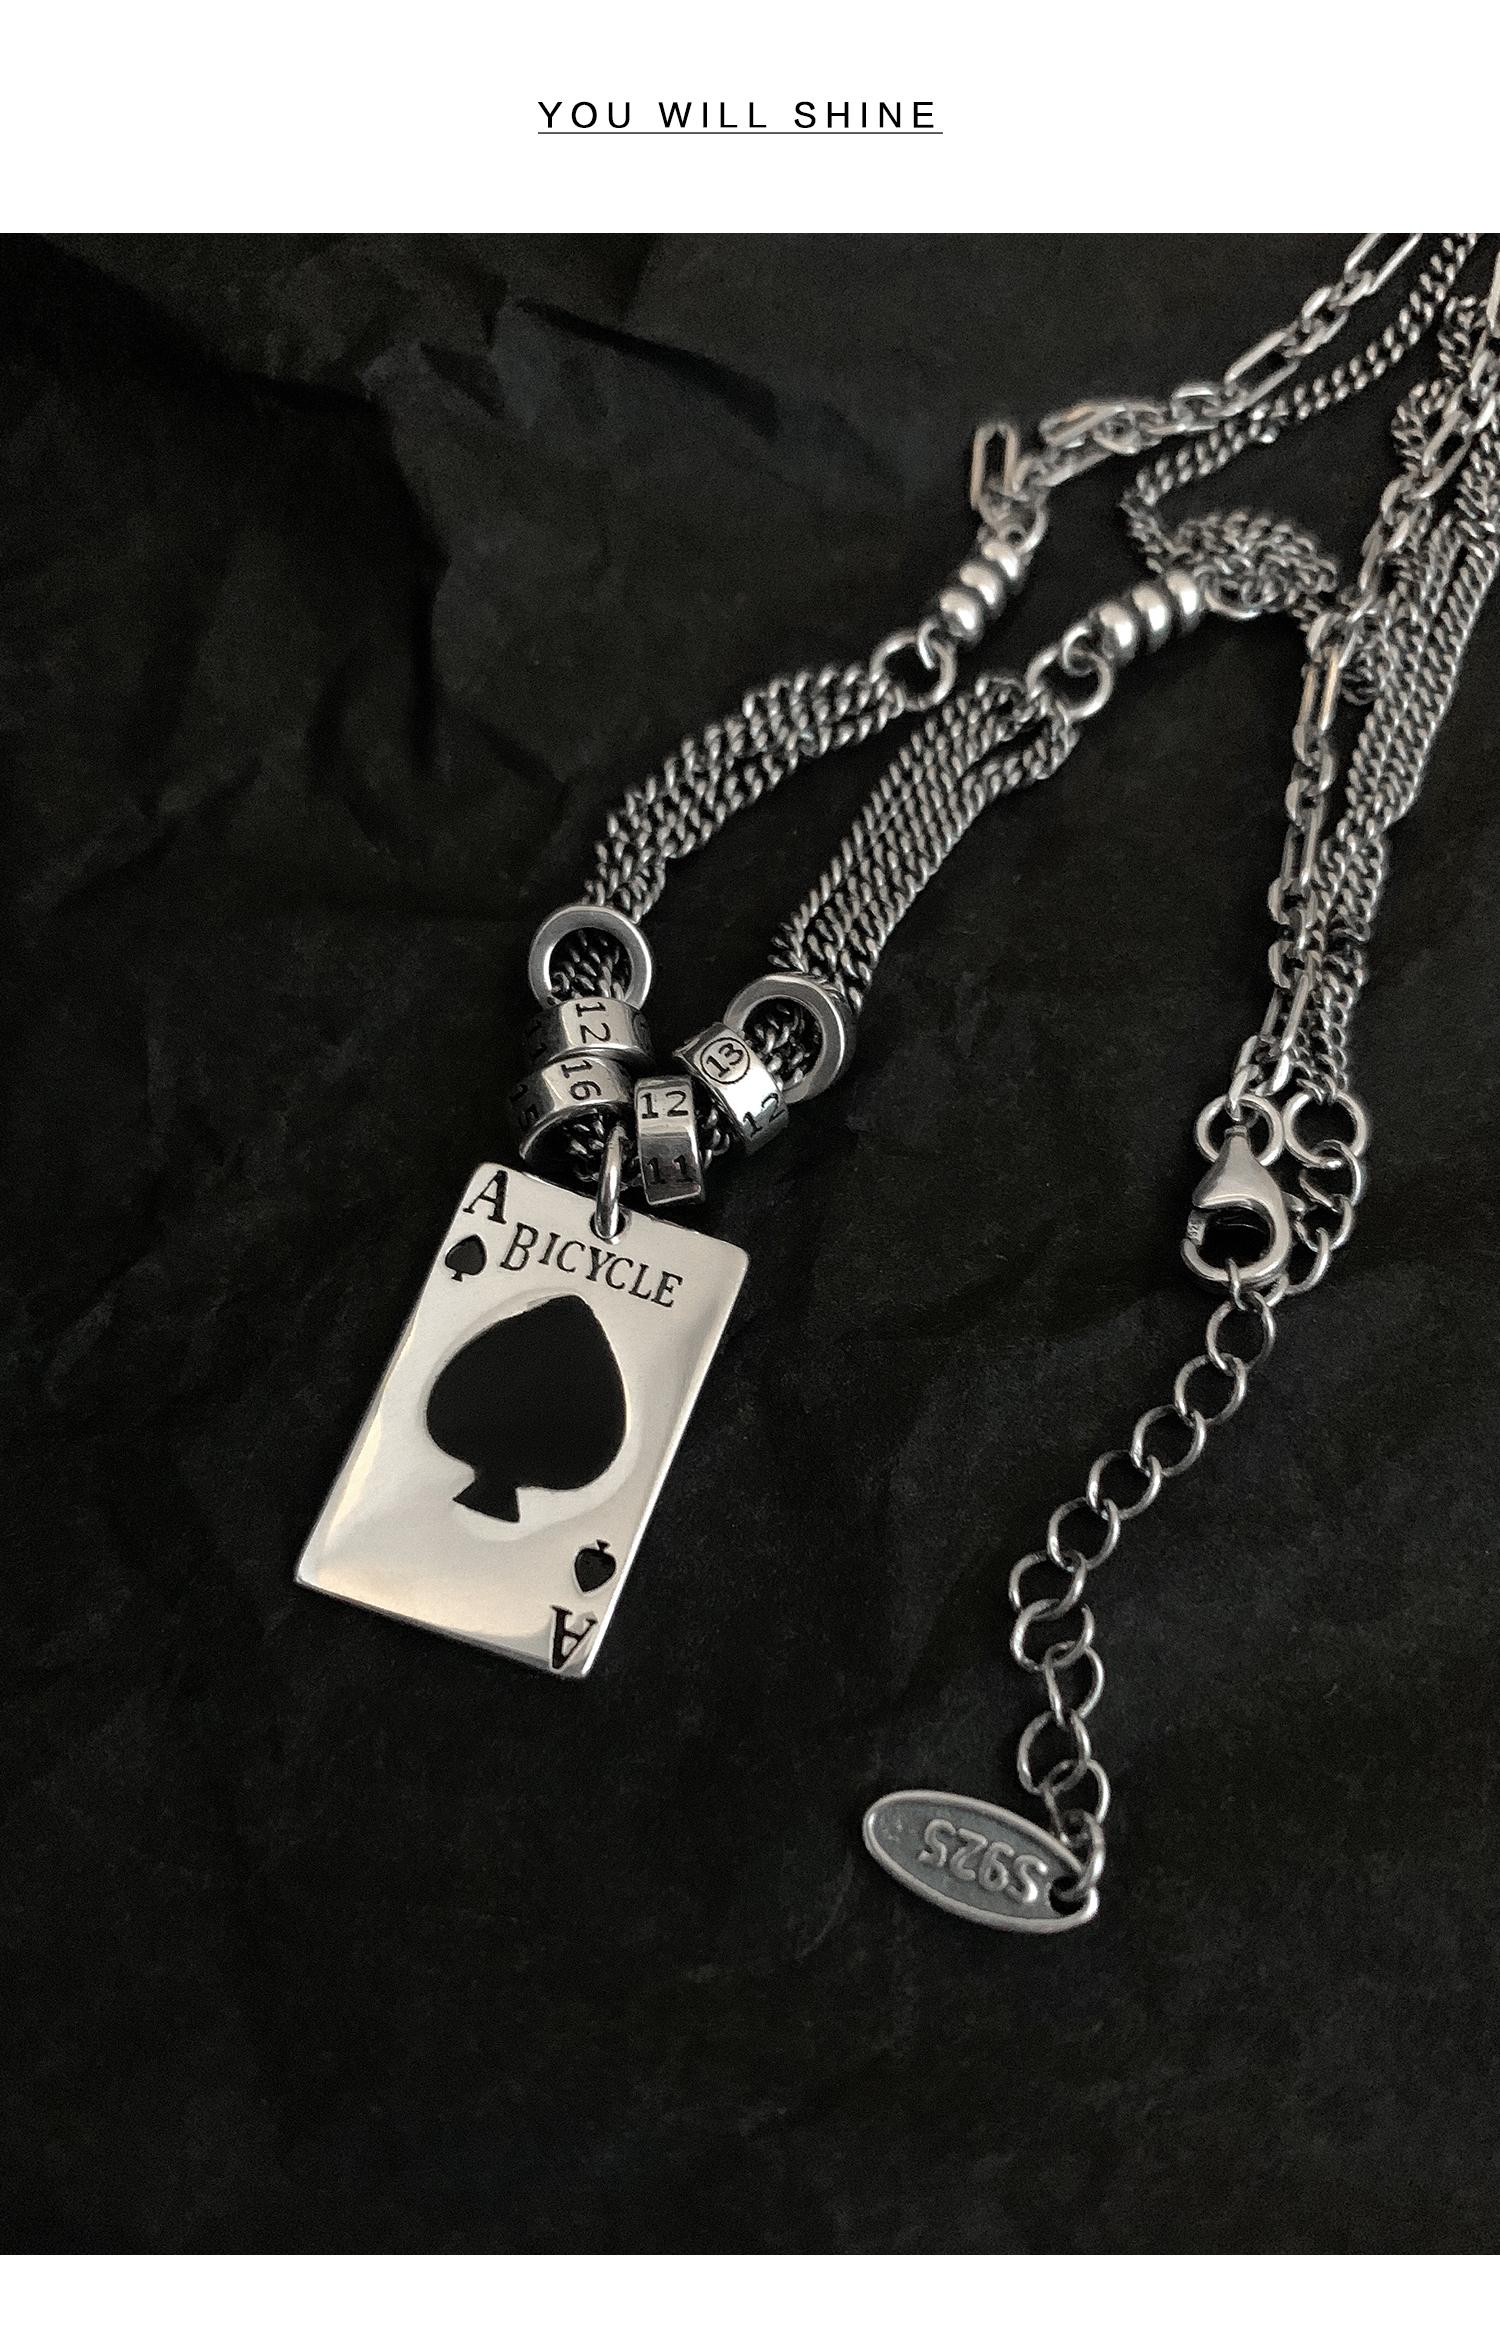 银卫衣项链女毛衣炼简约设计泰银復古黑桃方牌网红锁骨链详细照片